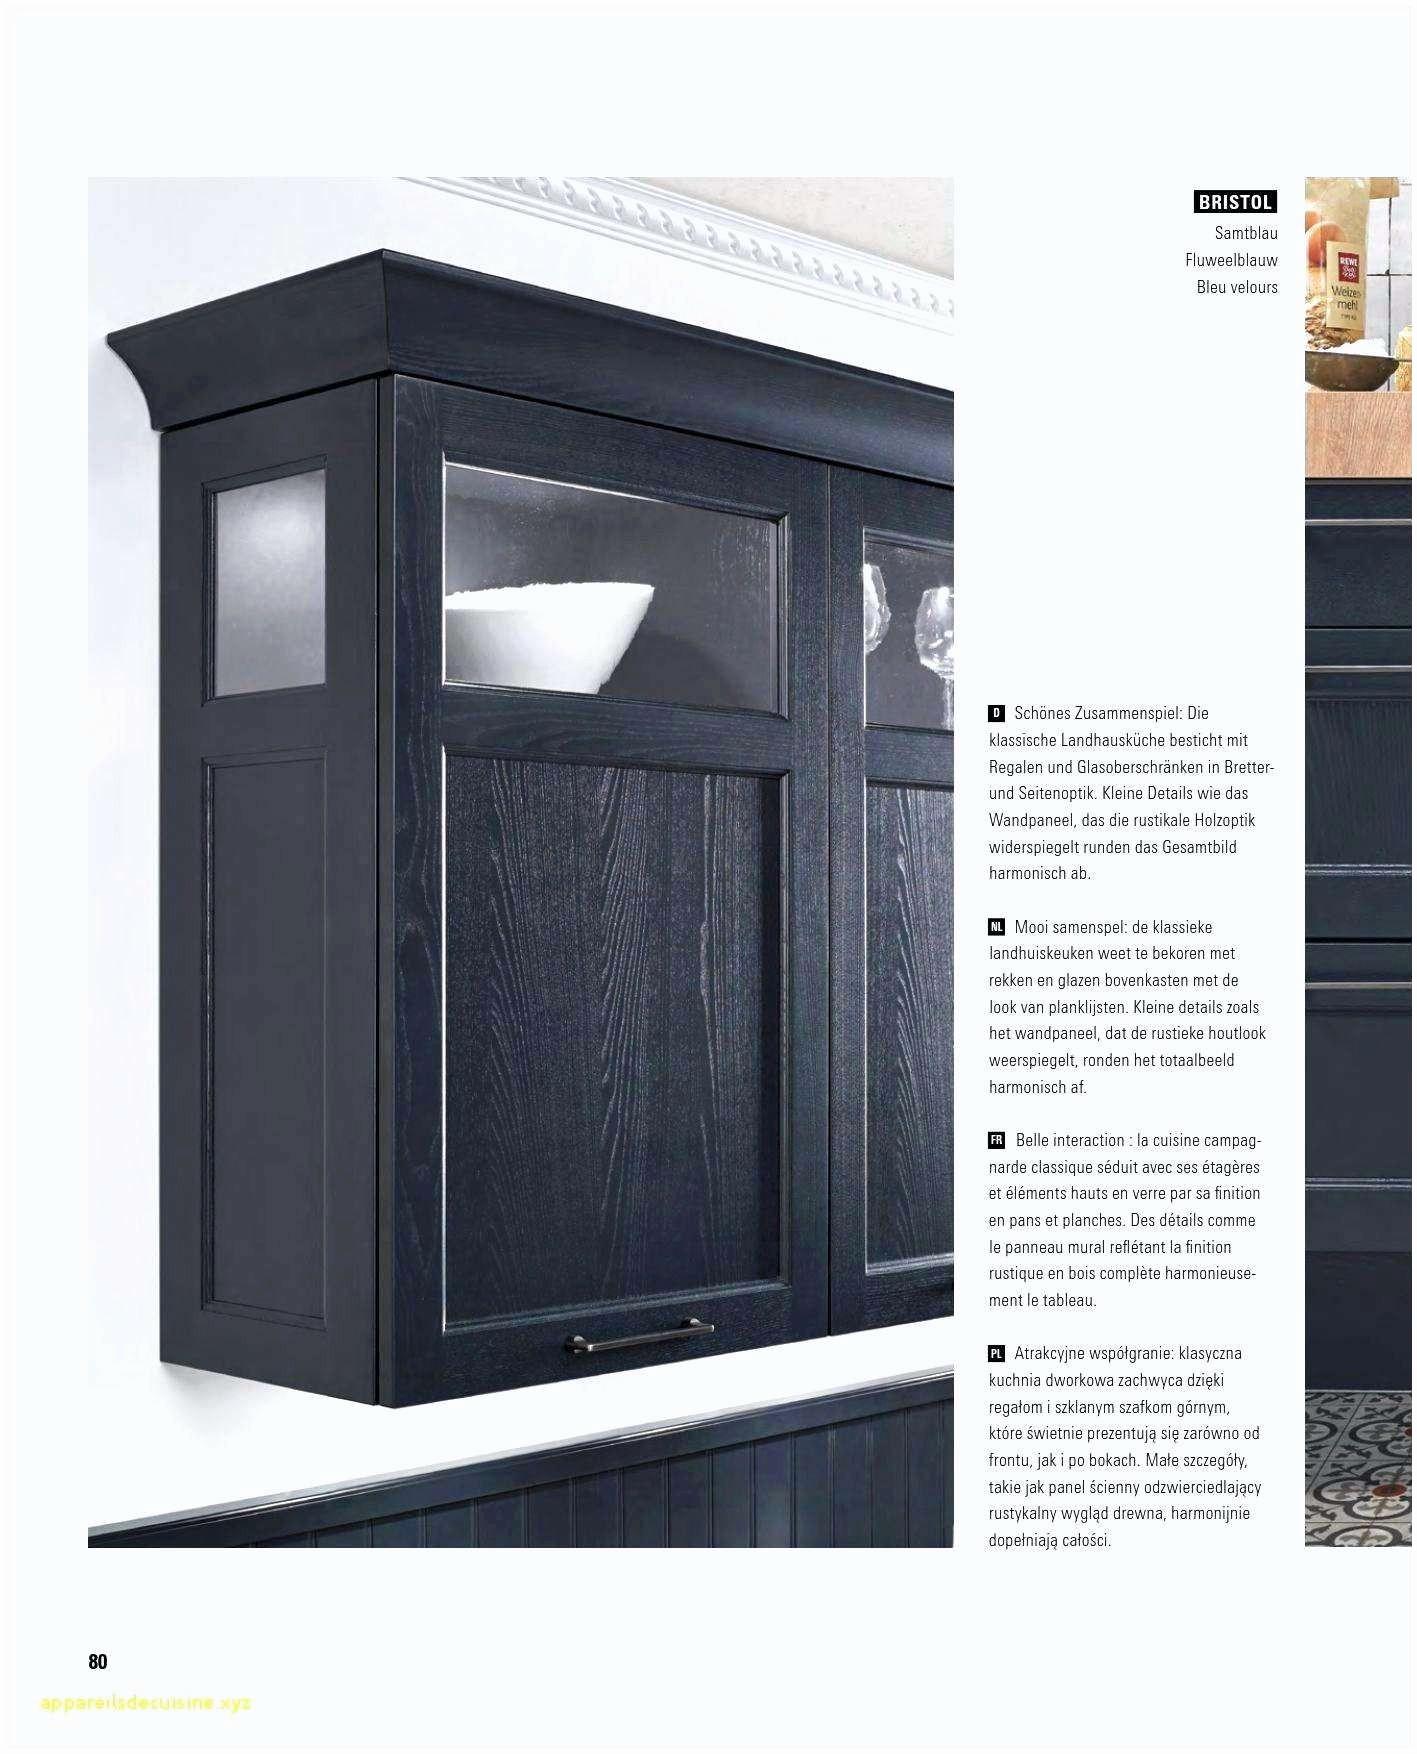 armoire de jardin castorama elegant penderie tissu castorama of armoire de jardin castorama